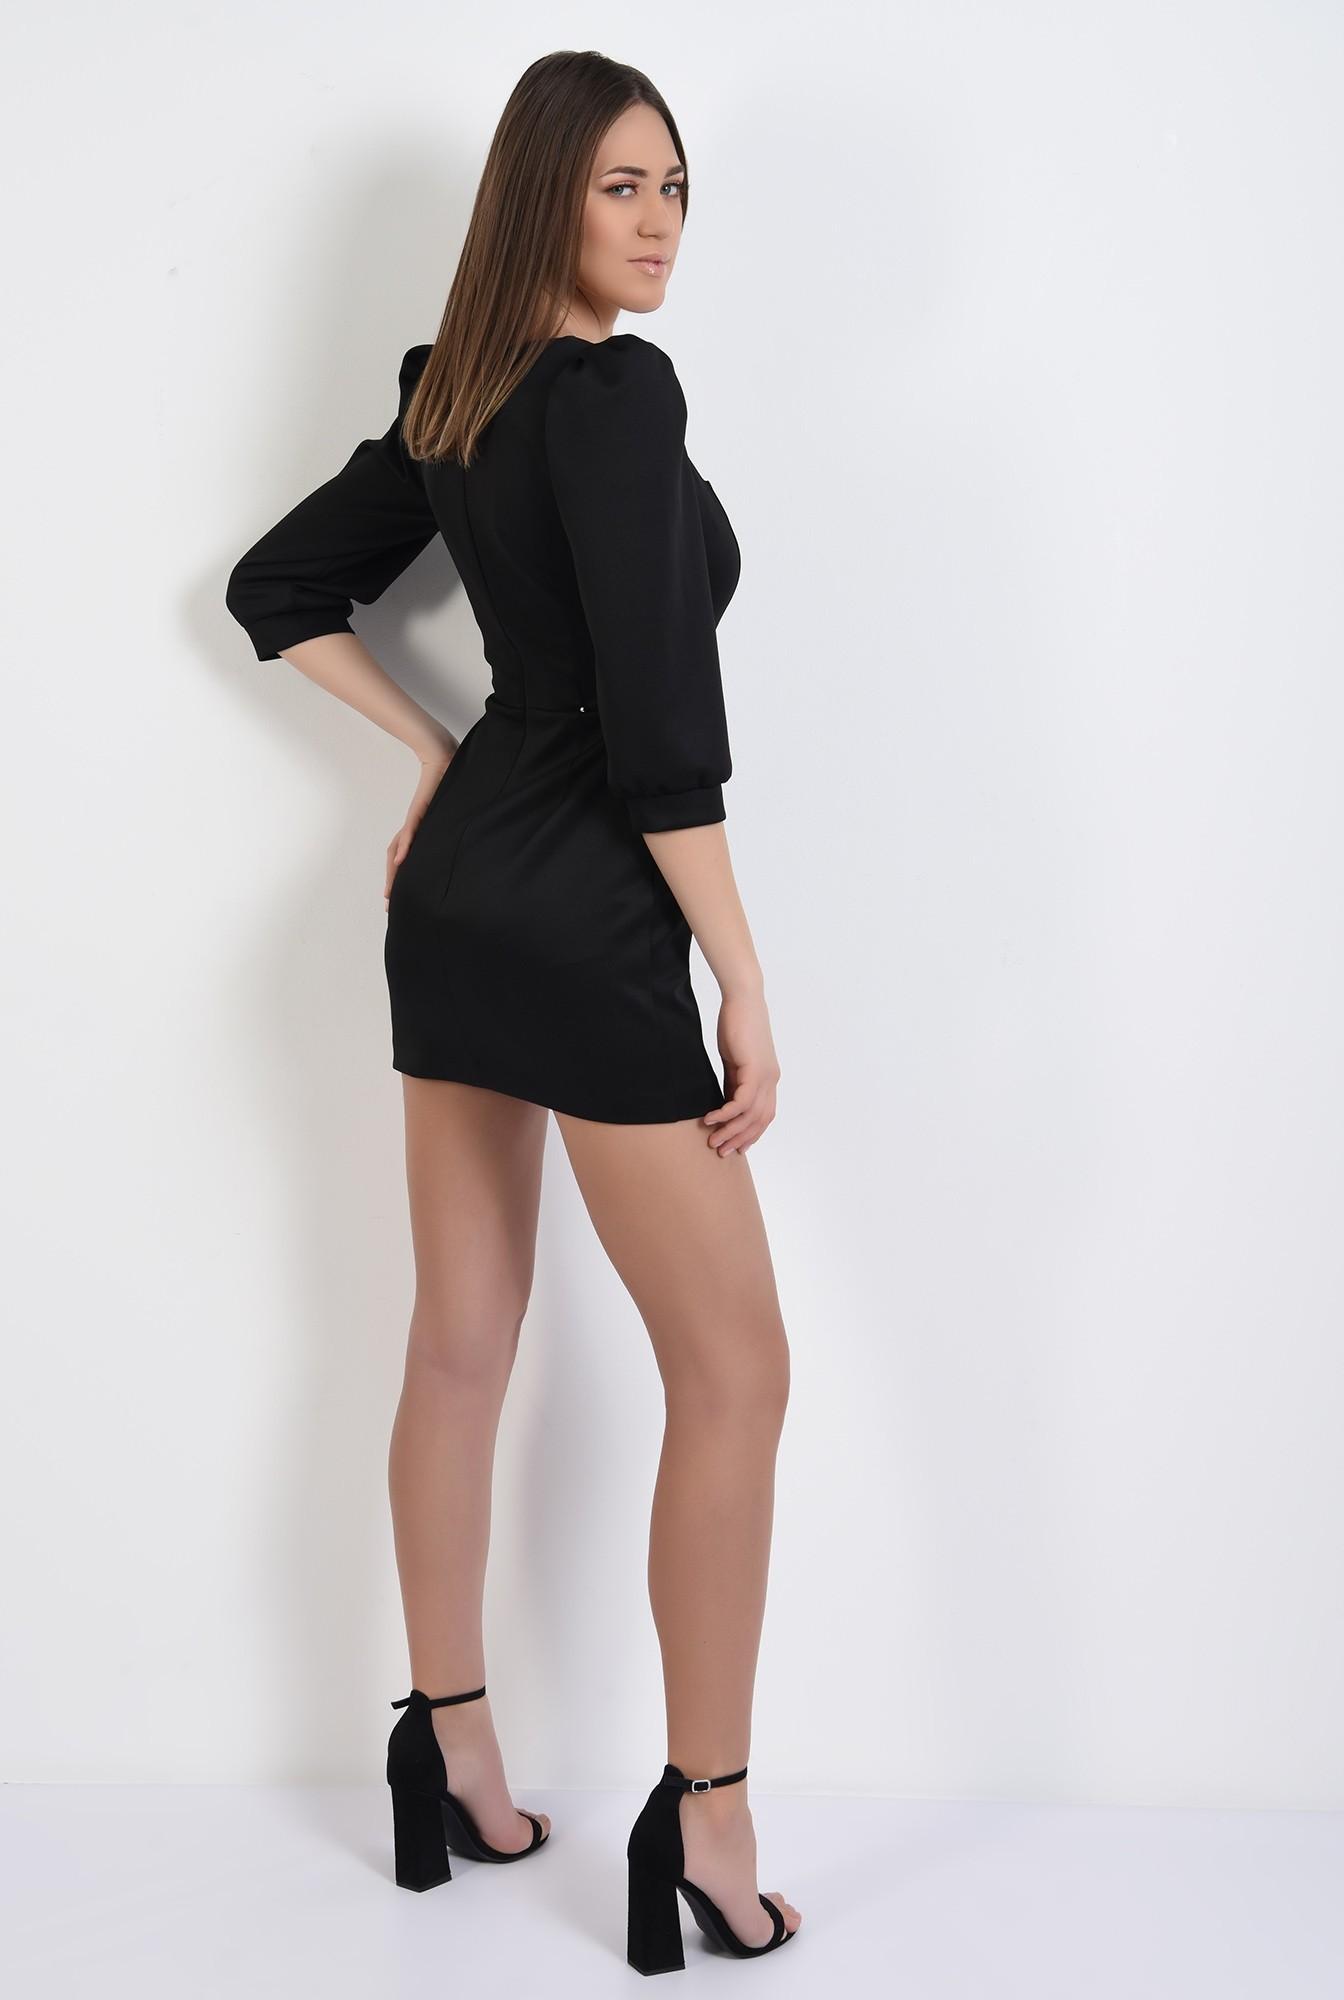 1 - rochie eleganta, neagra, cu catarama decorativa, scurta, cu decolteu